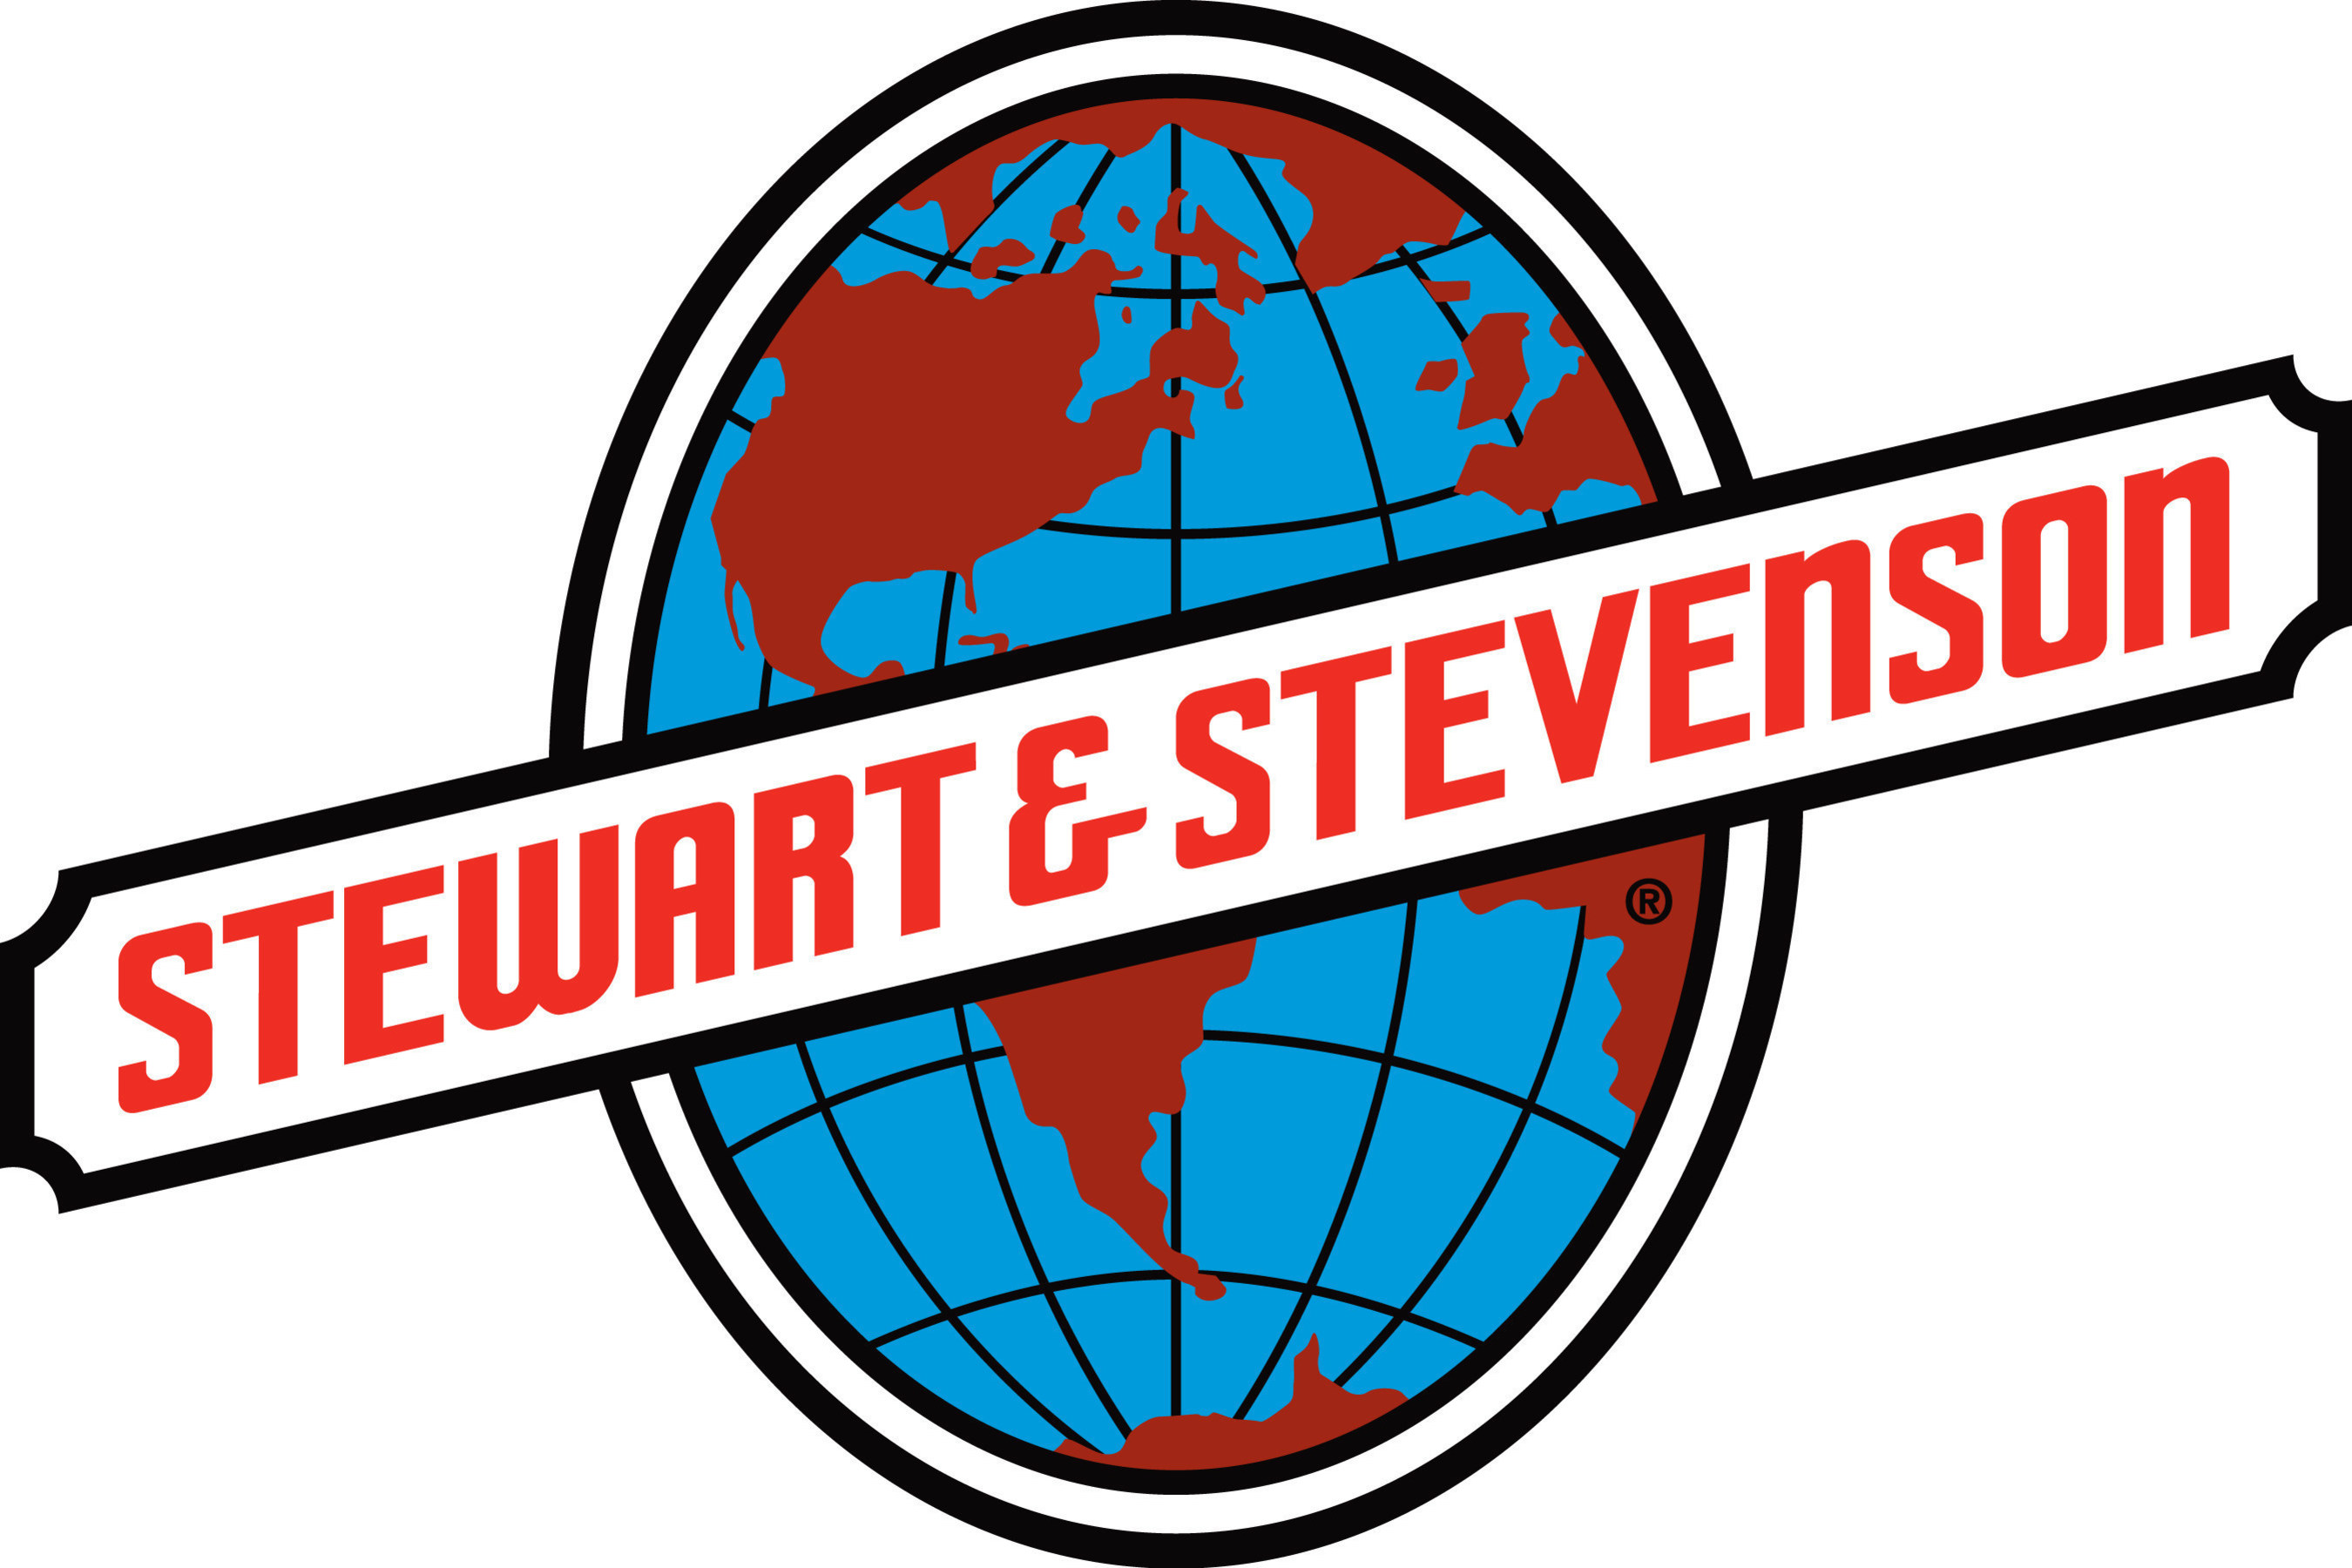 Stewart & Stevenson nomme des cadres supérieurs pour son réseau de distribution